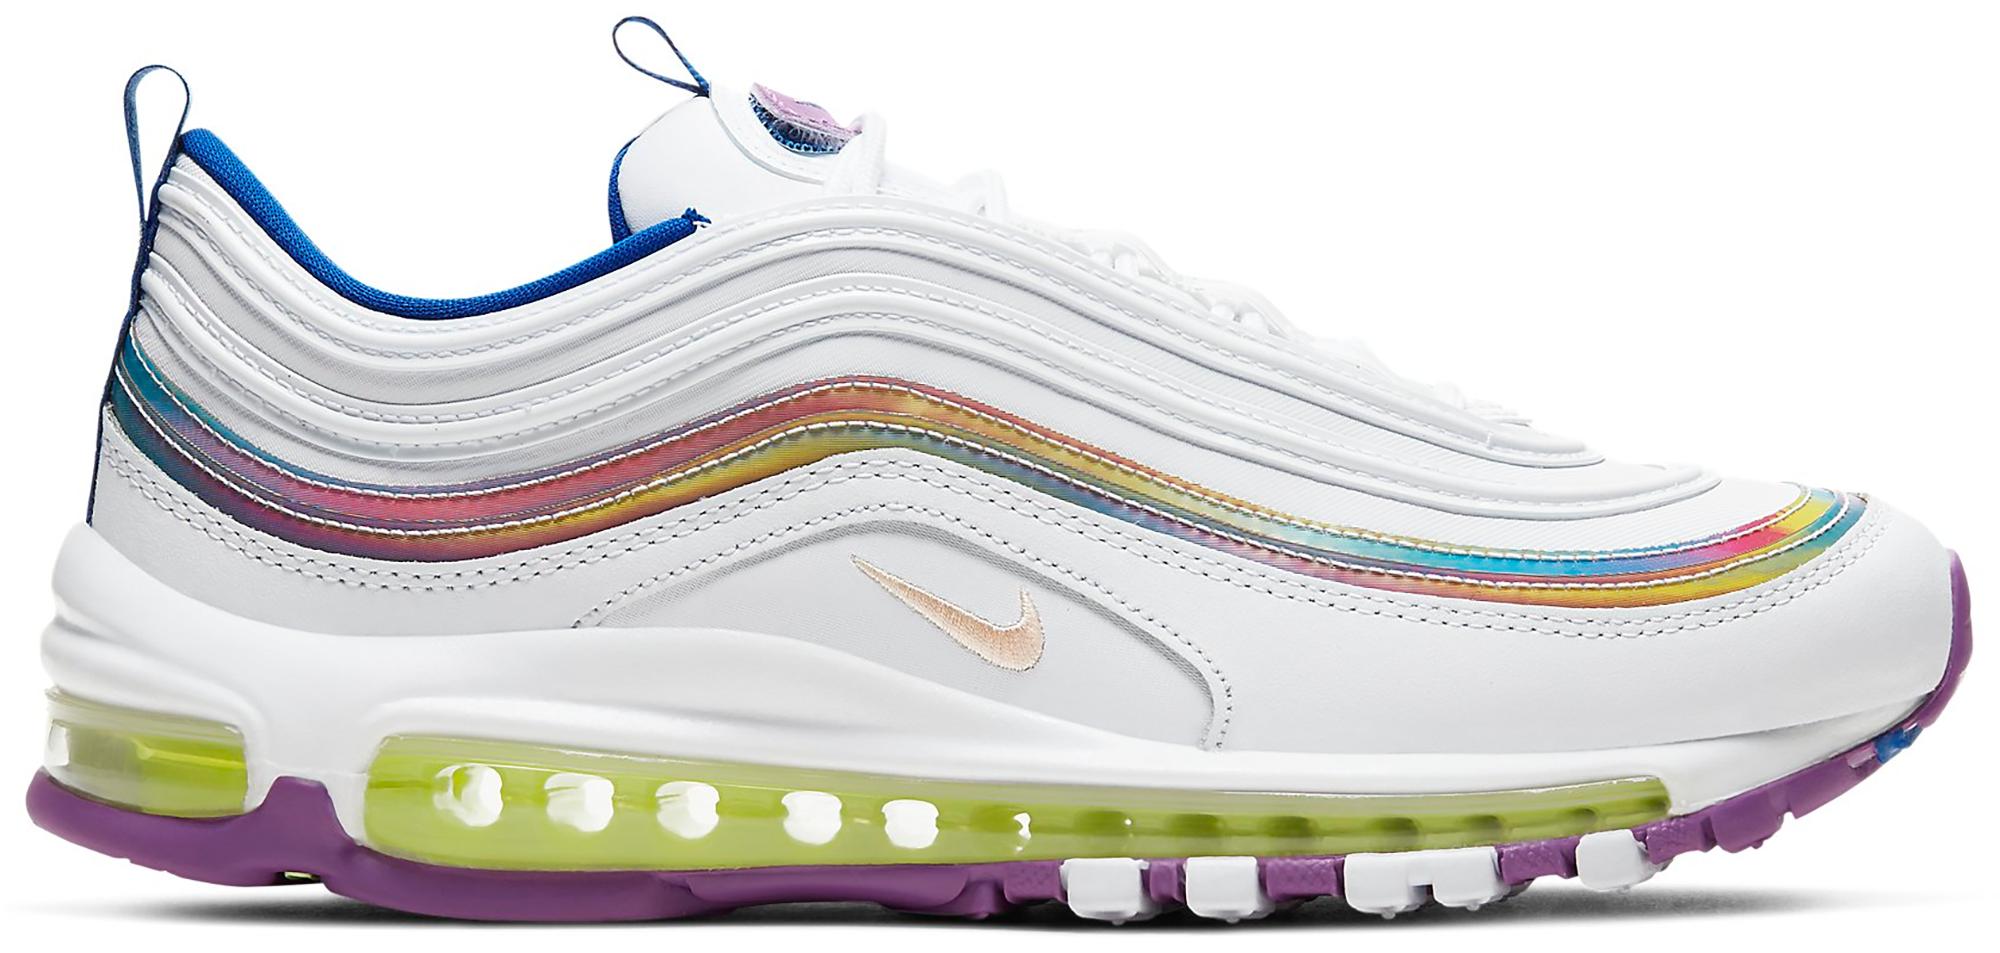 Nike Air Max 97 White Iridescent